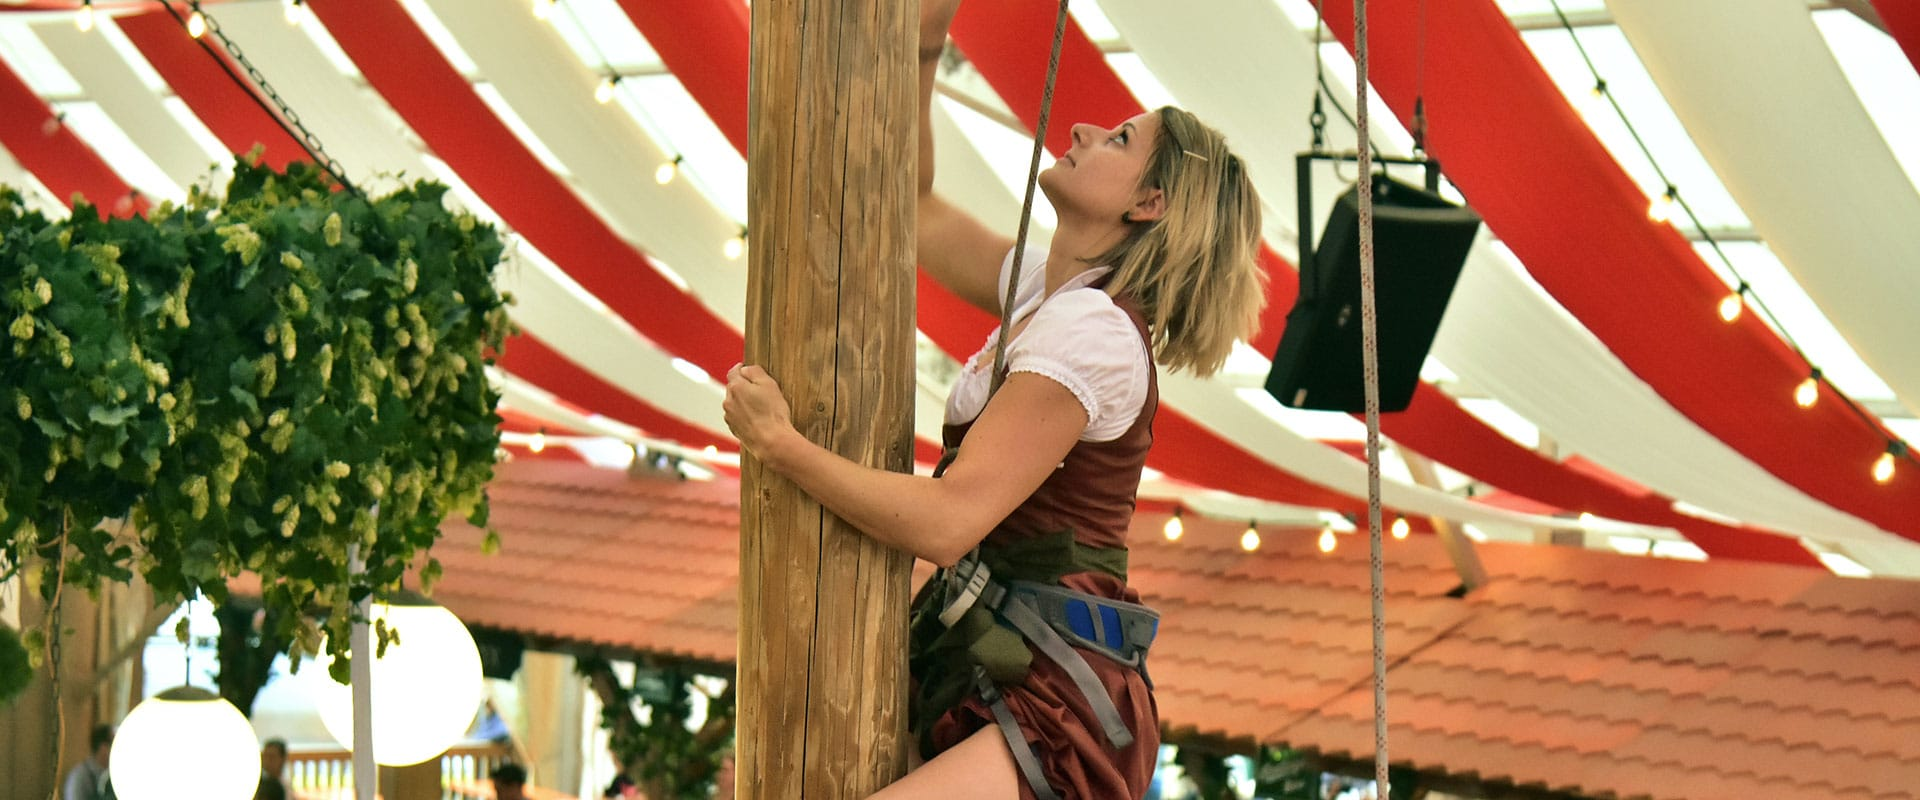 Das Baumkraxeln gehört im Hahn Zelt zum absoluten Highlight auf unseren Festen